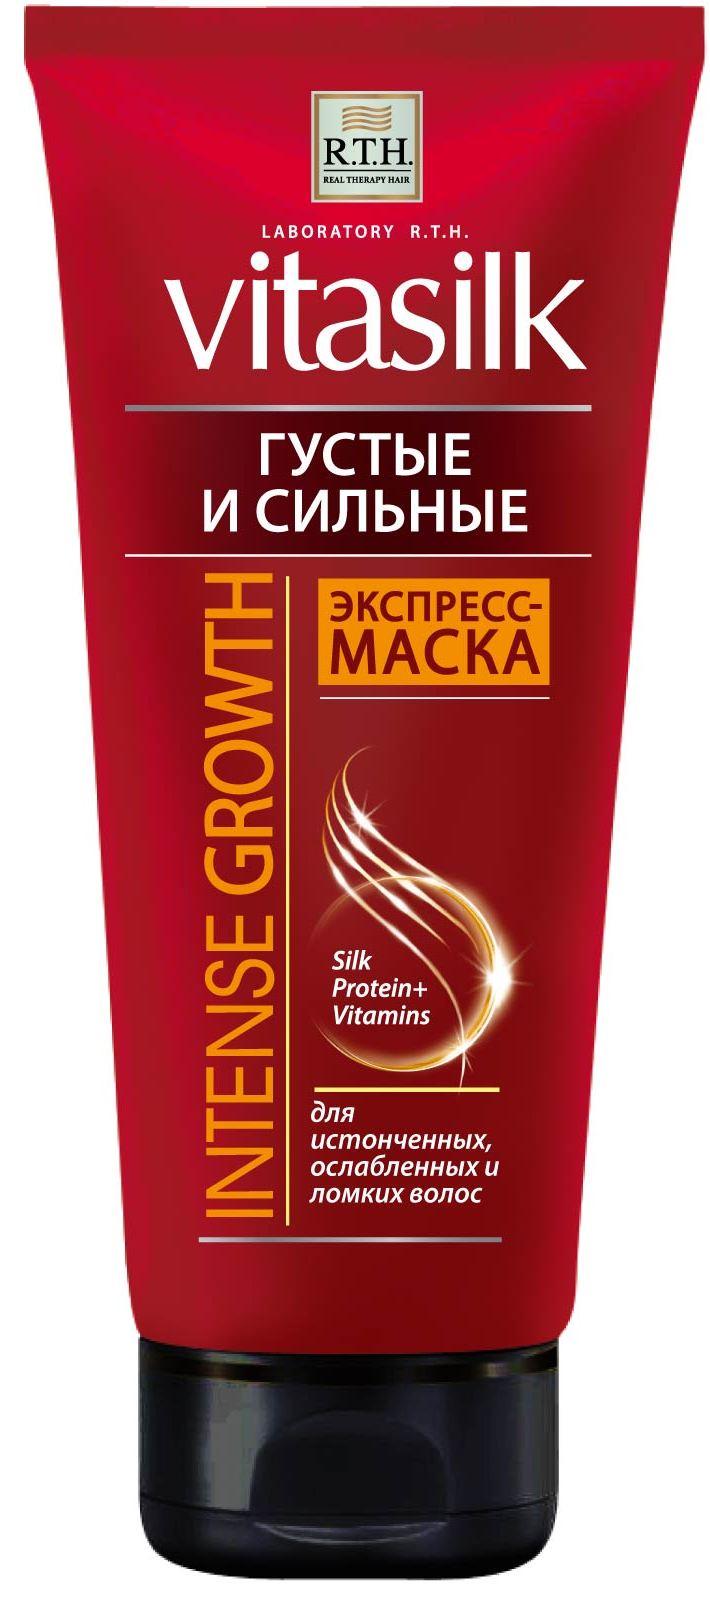 Маска для волос R.T.H. Vitasilk WOMEN Густые и сильные